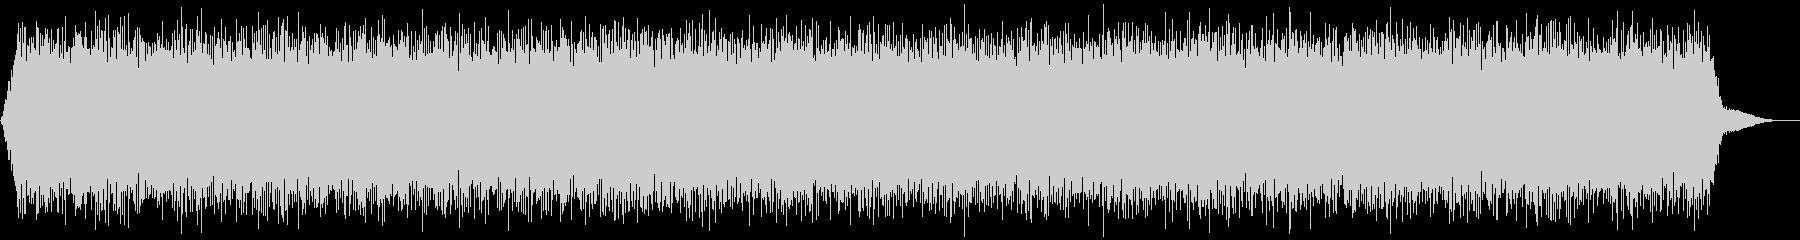 【アンビエント】ドローン_15 実験音の未再生の波形